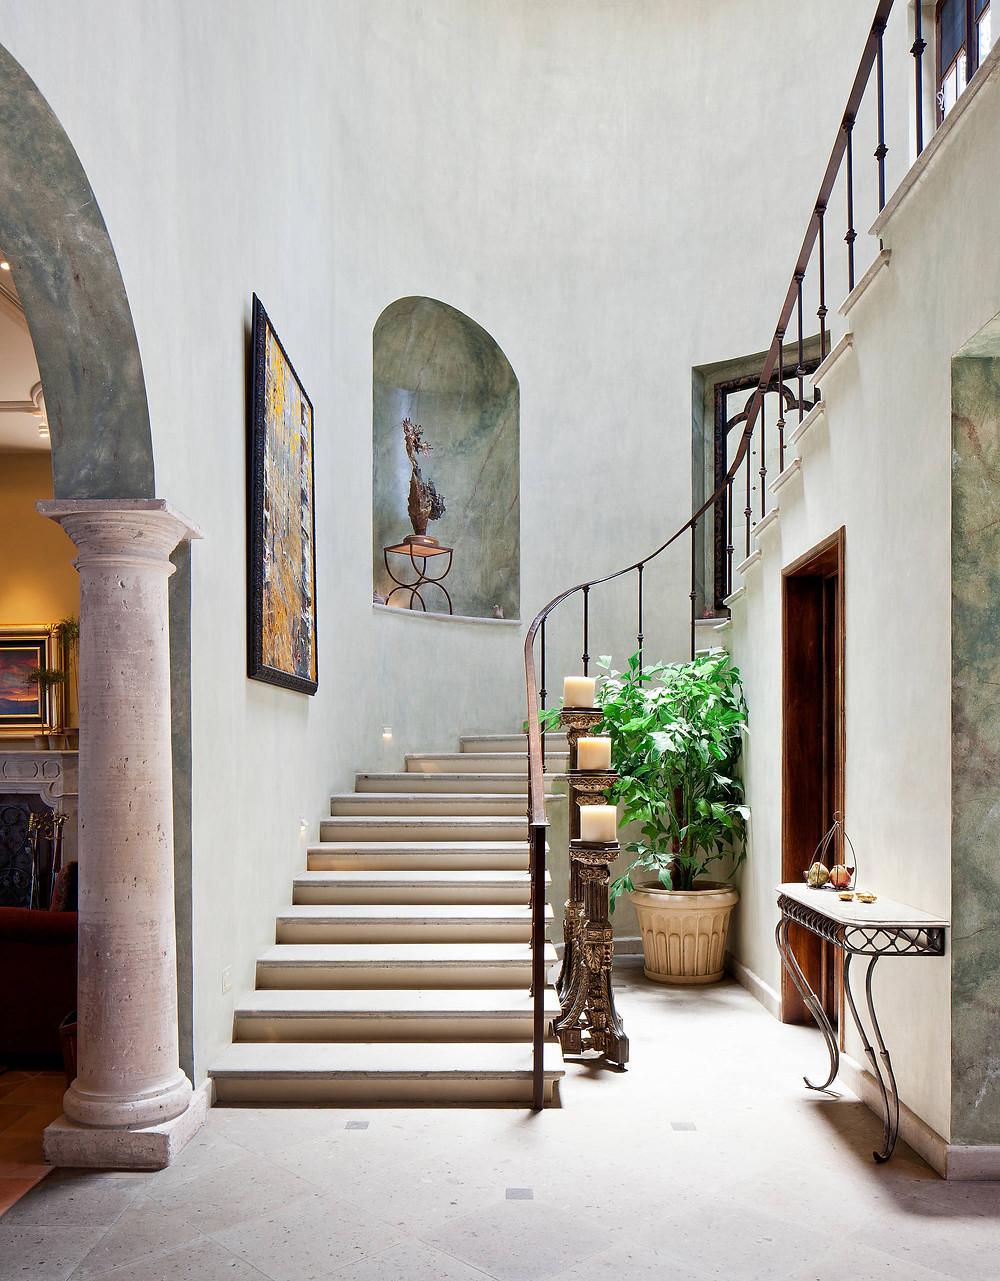 niche marmer area tangga